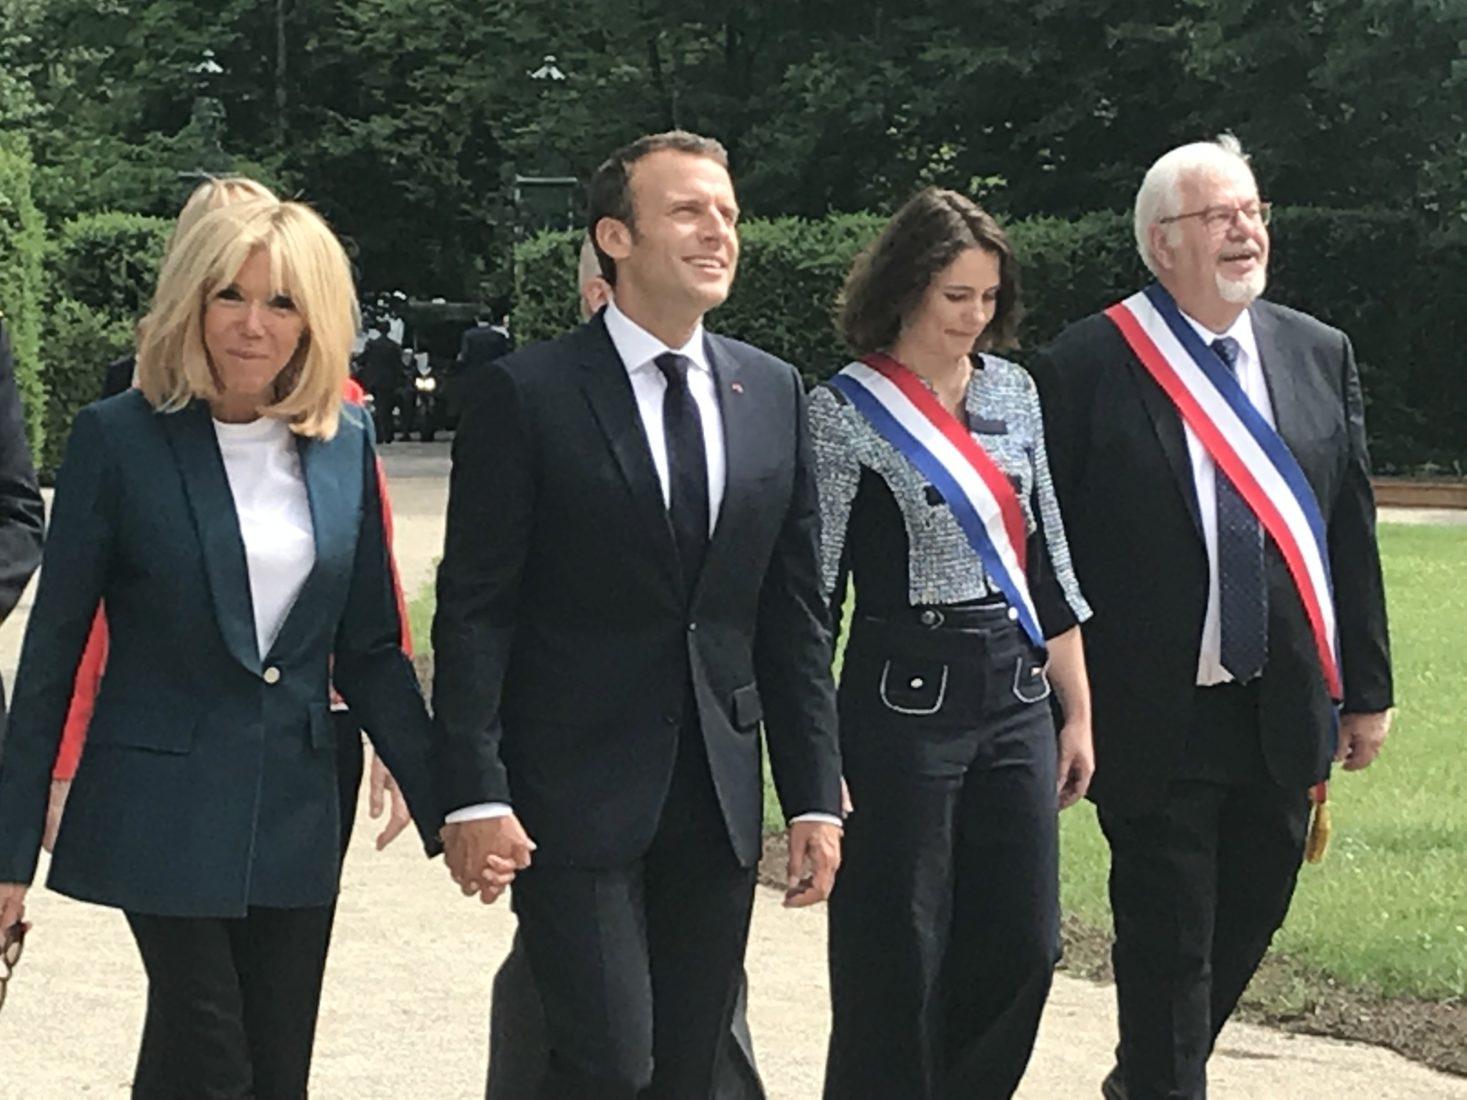 Château de Ferney Voltaire arrivée de Emmanuel et Brigitte Macron